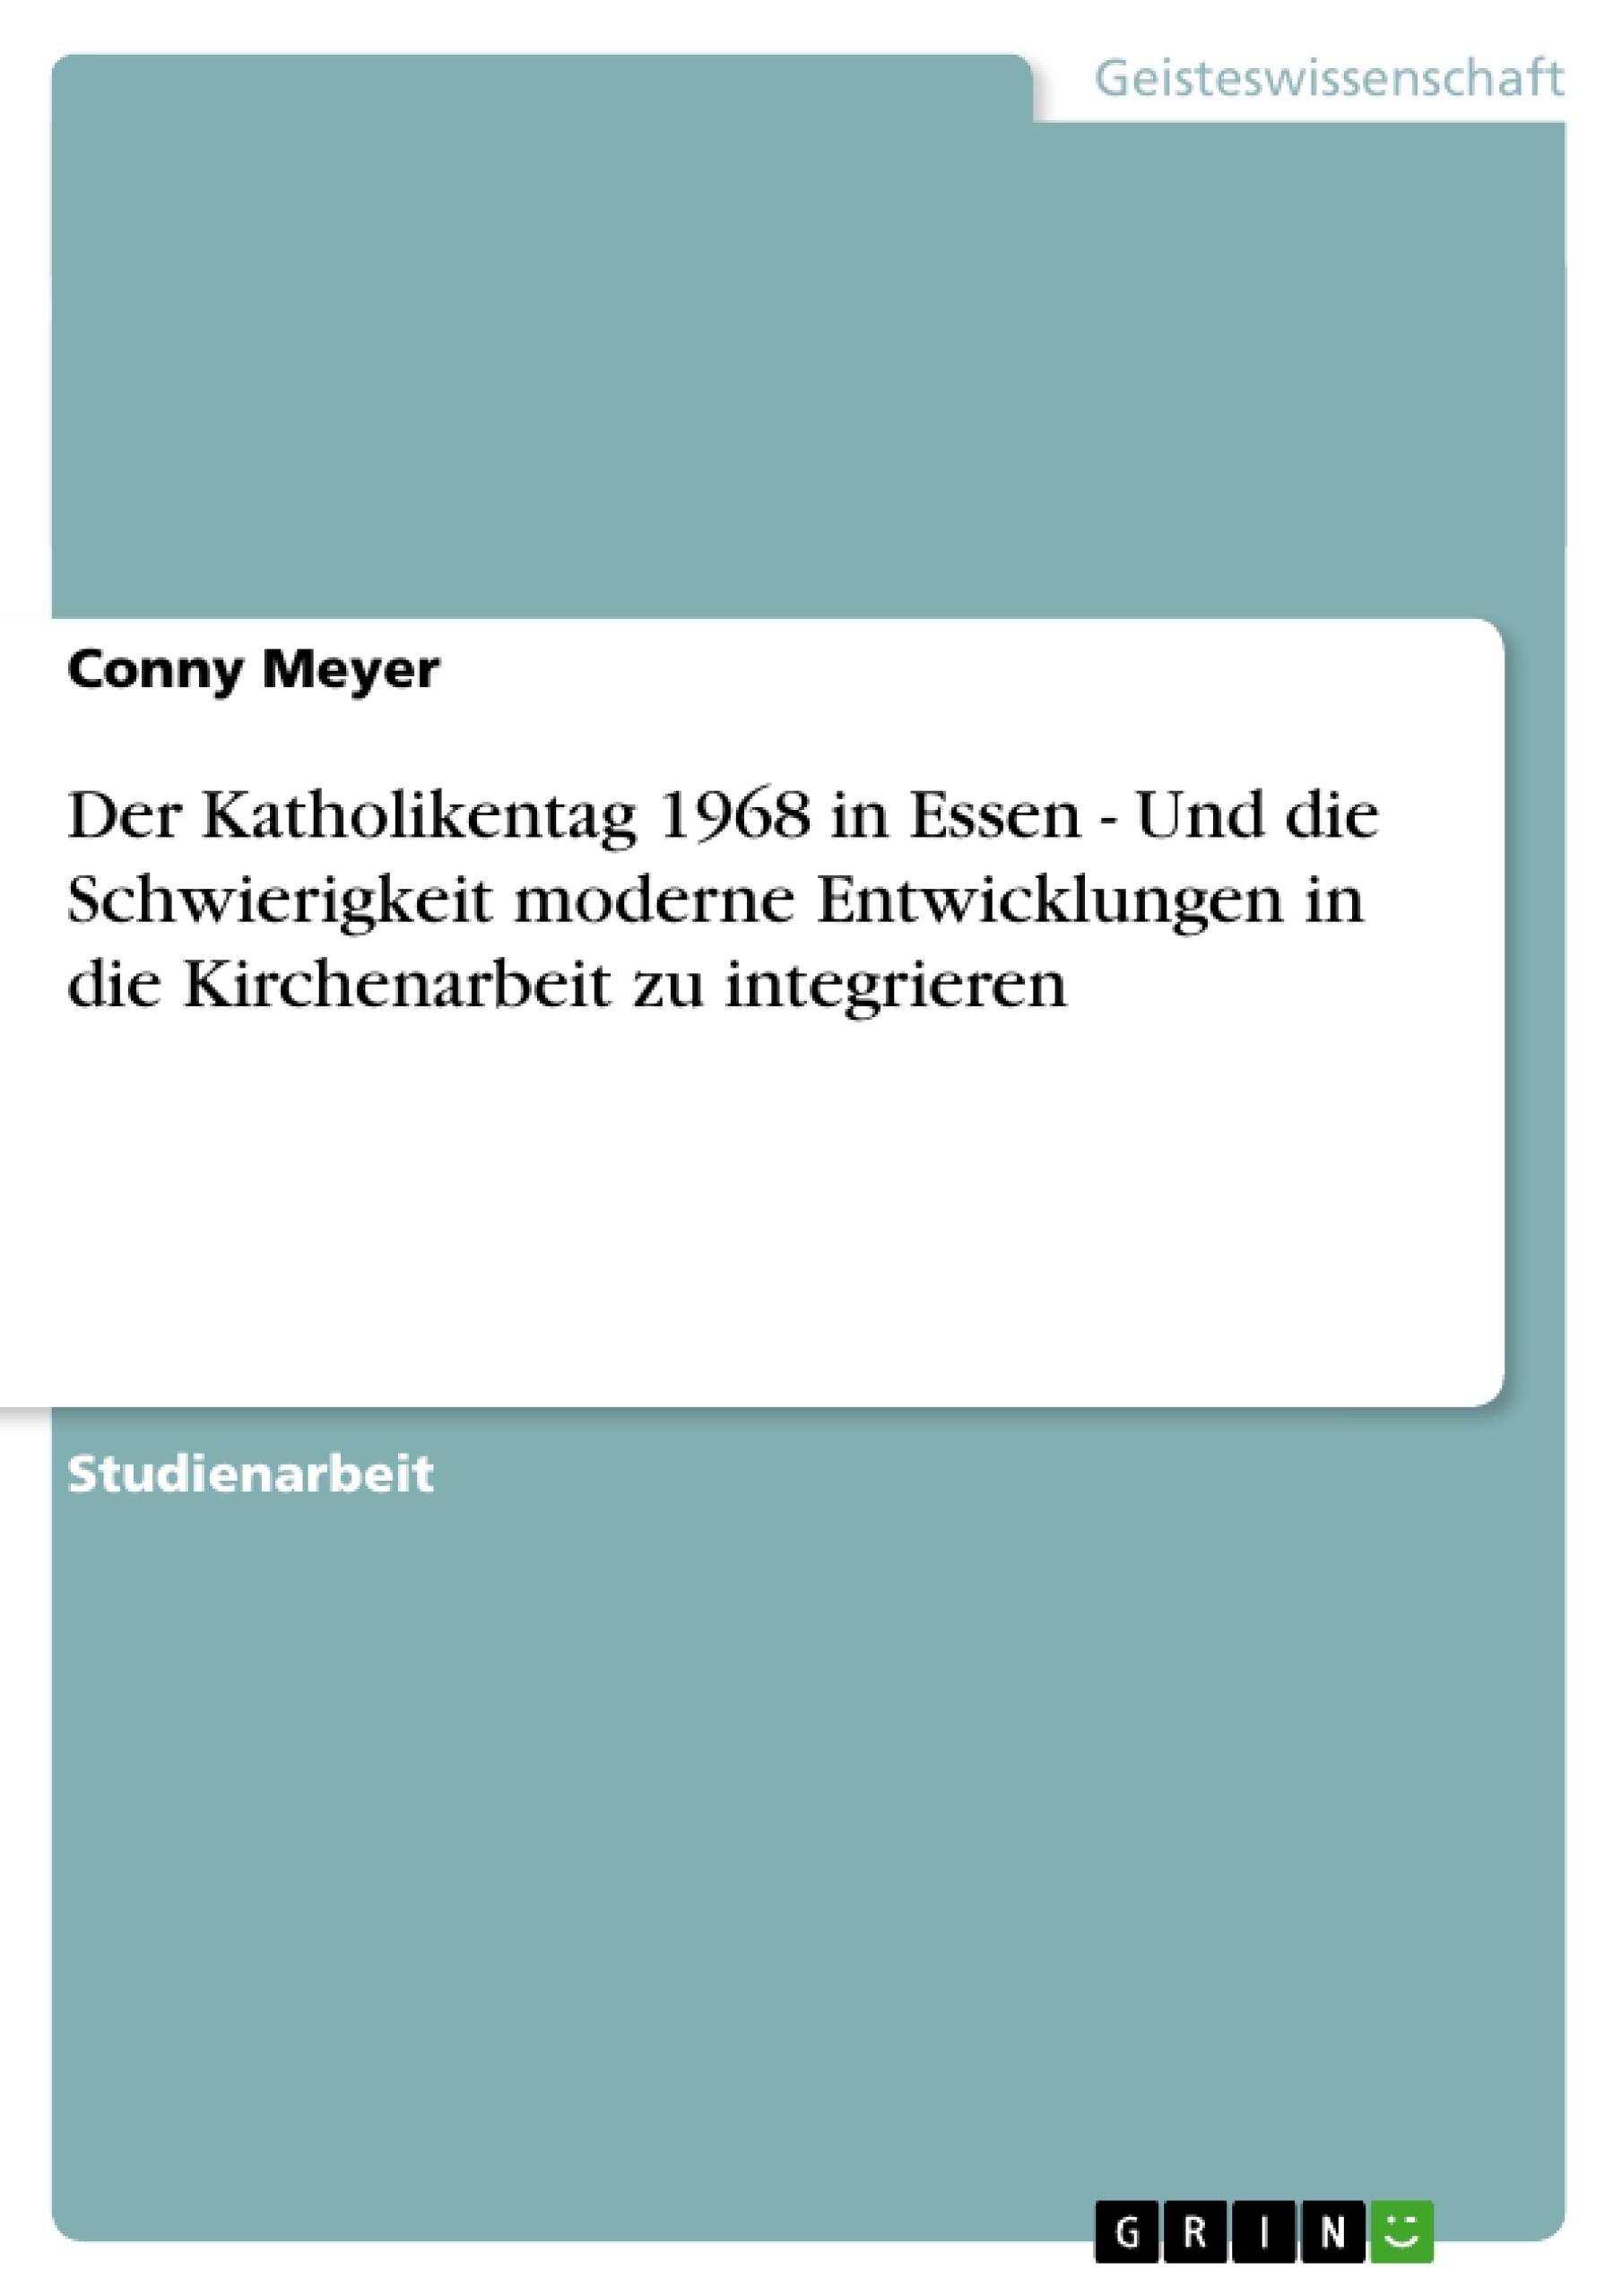 Titel: Der Katholikentag 1968 in Essen - Und die Schwierigkeit moderne Entwicklungen in die Kirchenarbeit zu integrieren